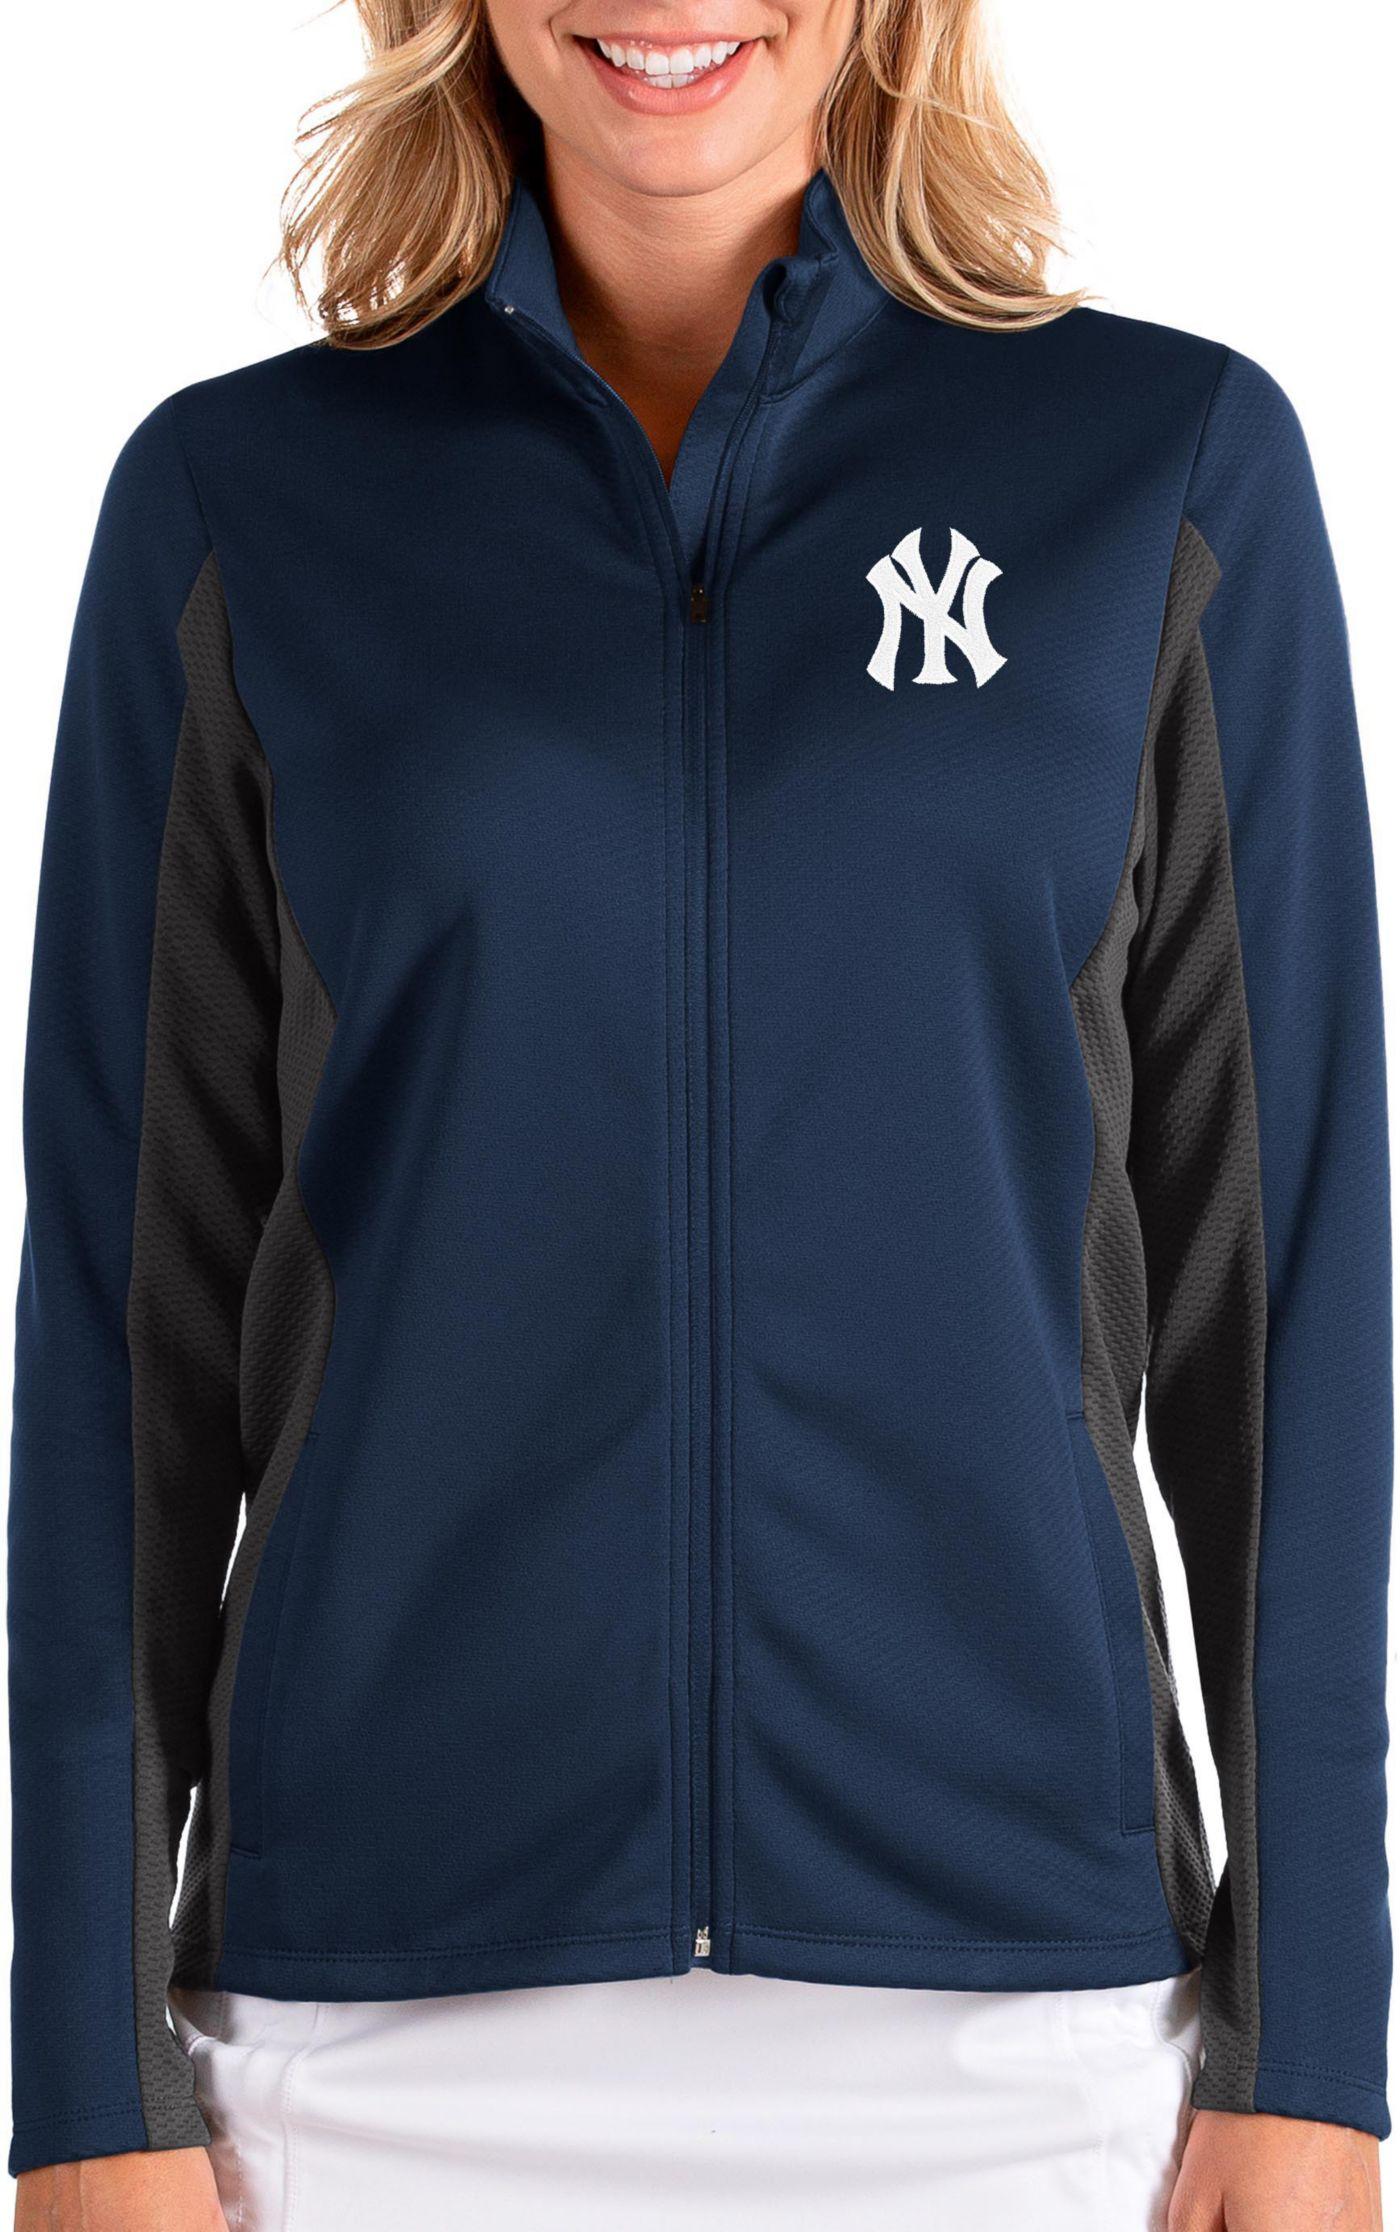 Antigua Women's New York Yankees Navy Passage Full-Zip Jacket